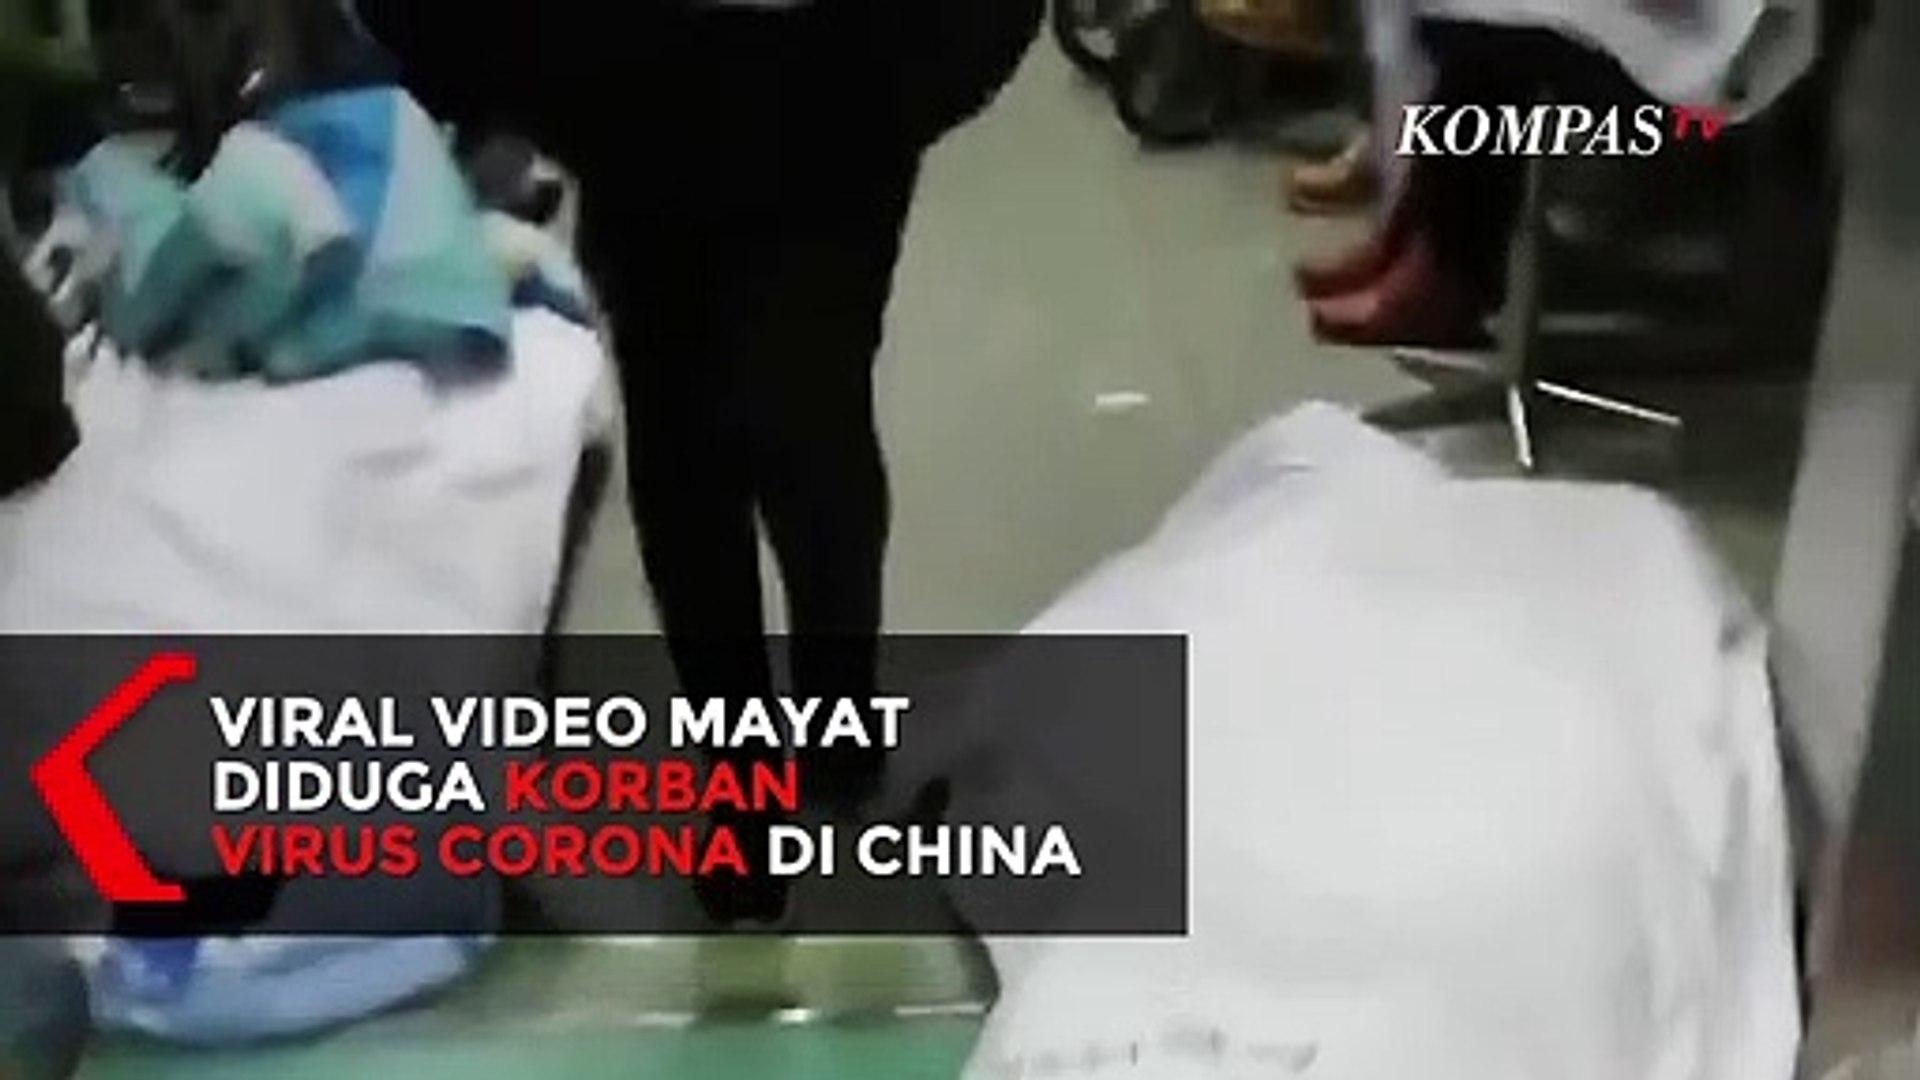 Viral Video Mayat Diduga Korban Virus Corona Tergeletak